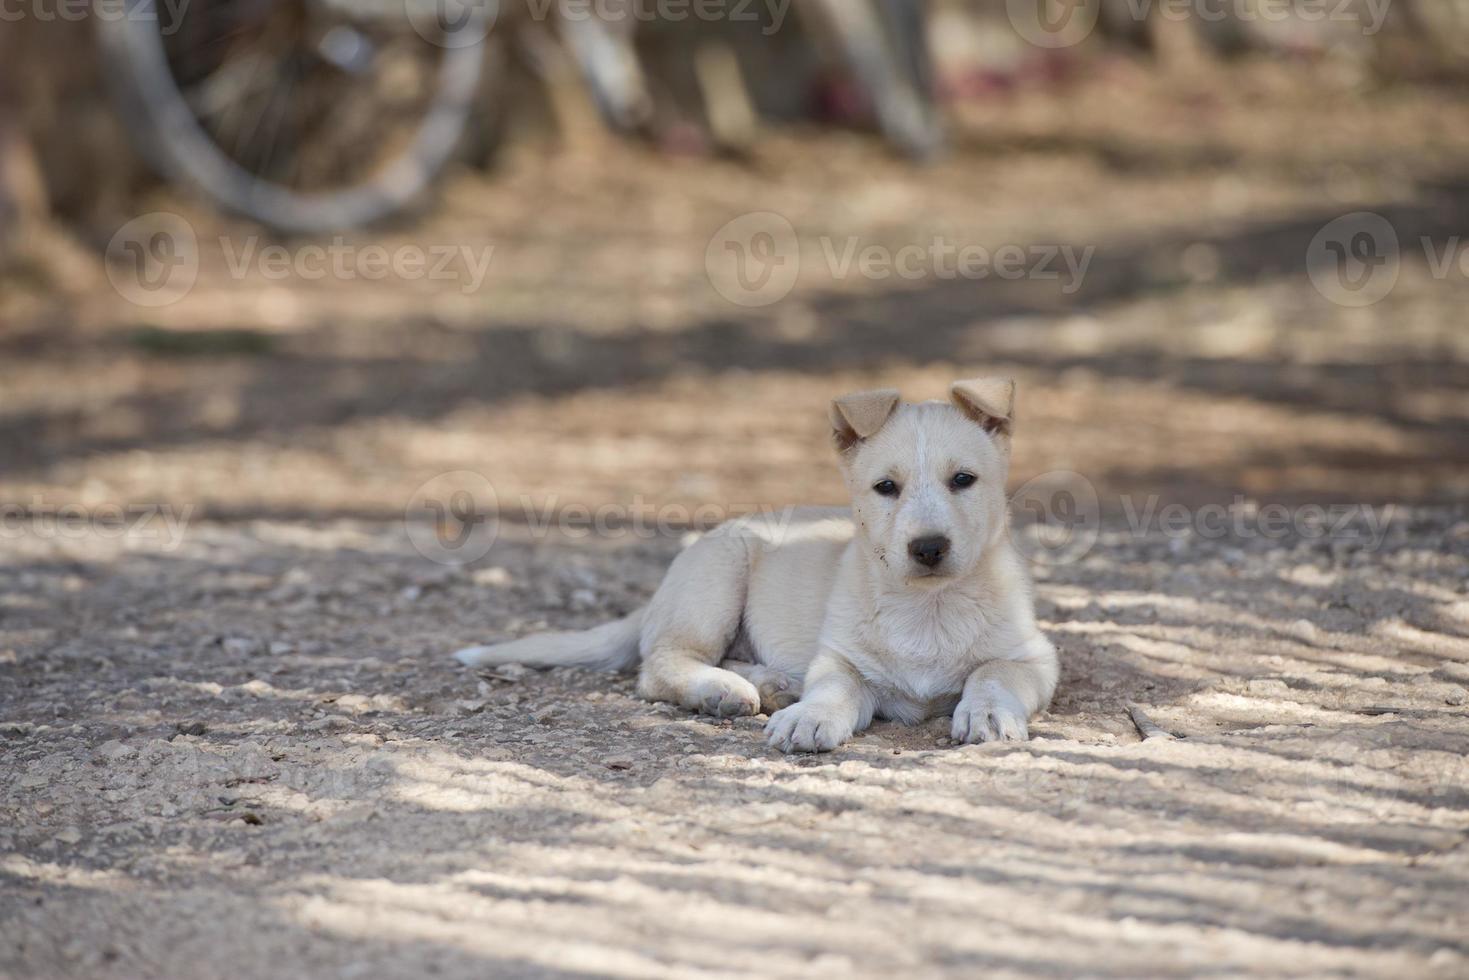 cucciolo di cane pomeranian bianco neonato foto